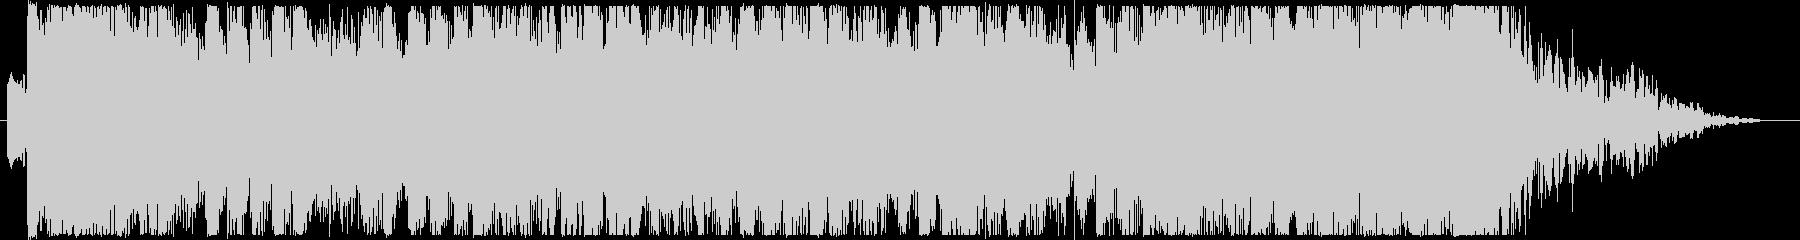 ジングル - 雨上がりの空の未再生の波形